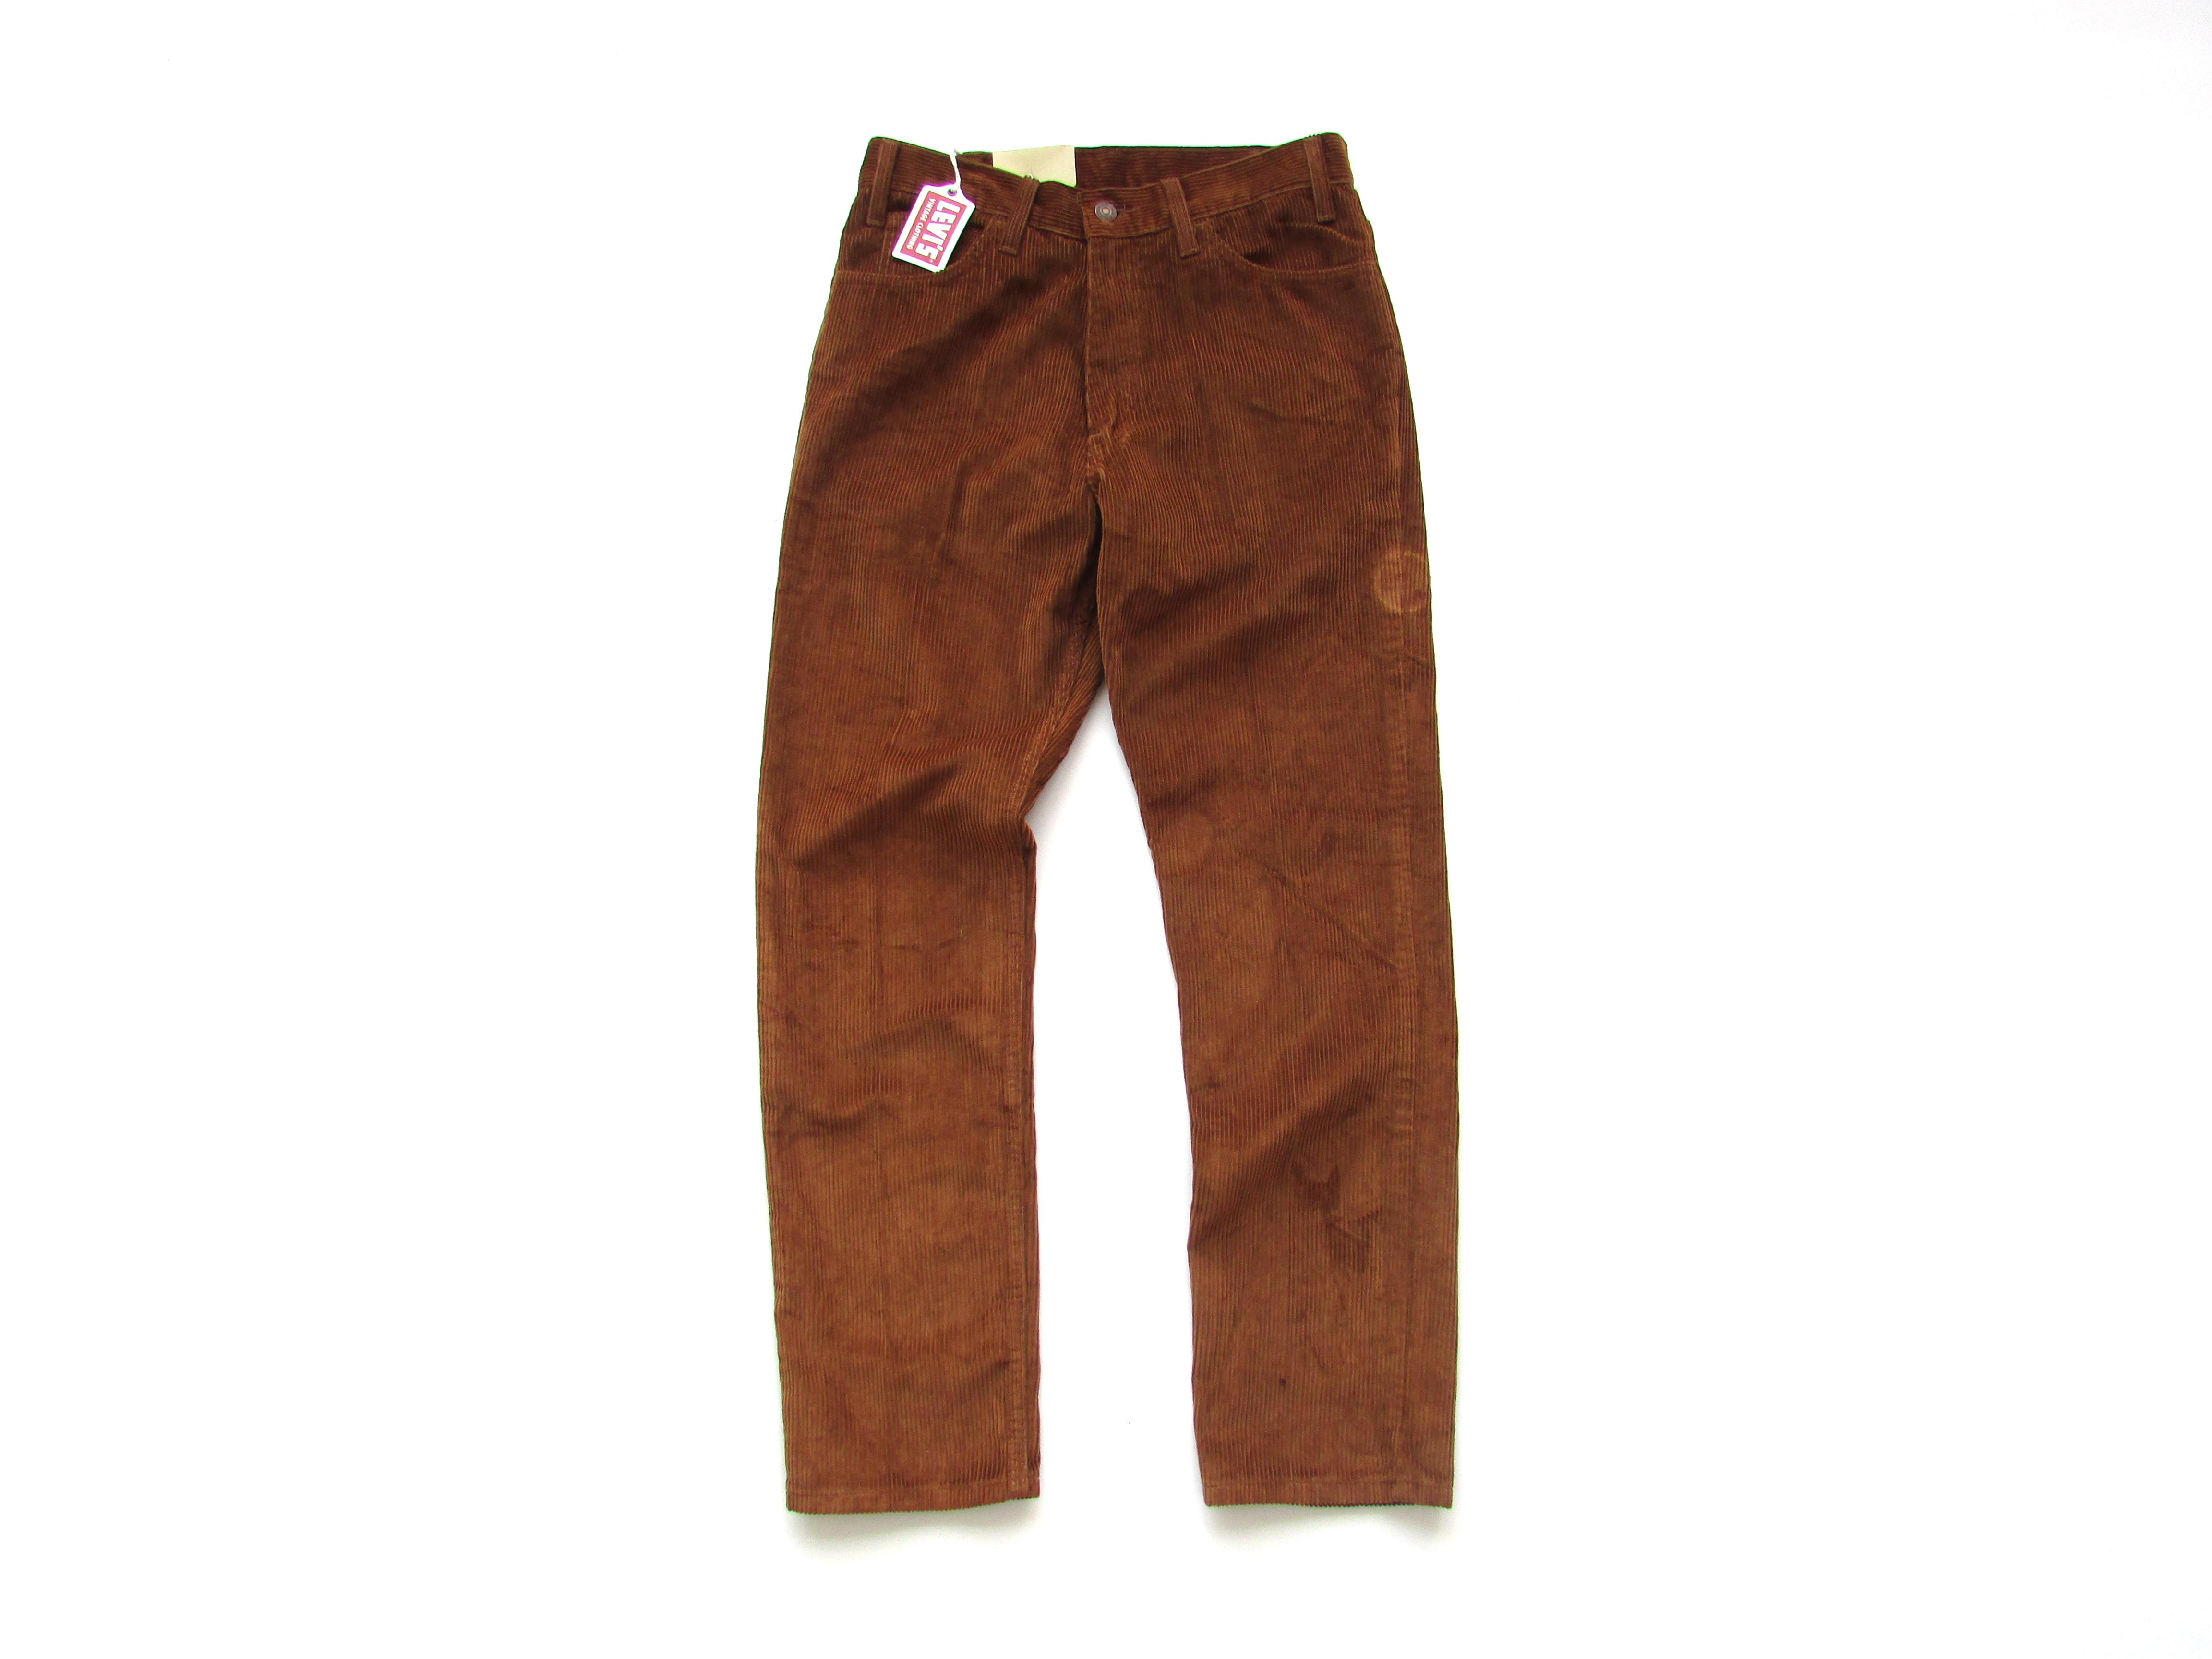 cfde6dfcce3 Levi's Vintage Clothing ×. Levis Vintage Clothing LVC Lot 519 Big E 60s Sta- Prest Corduroy Pants Trousers